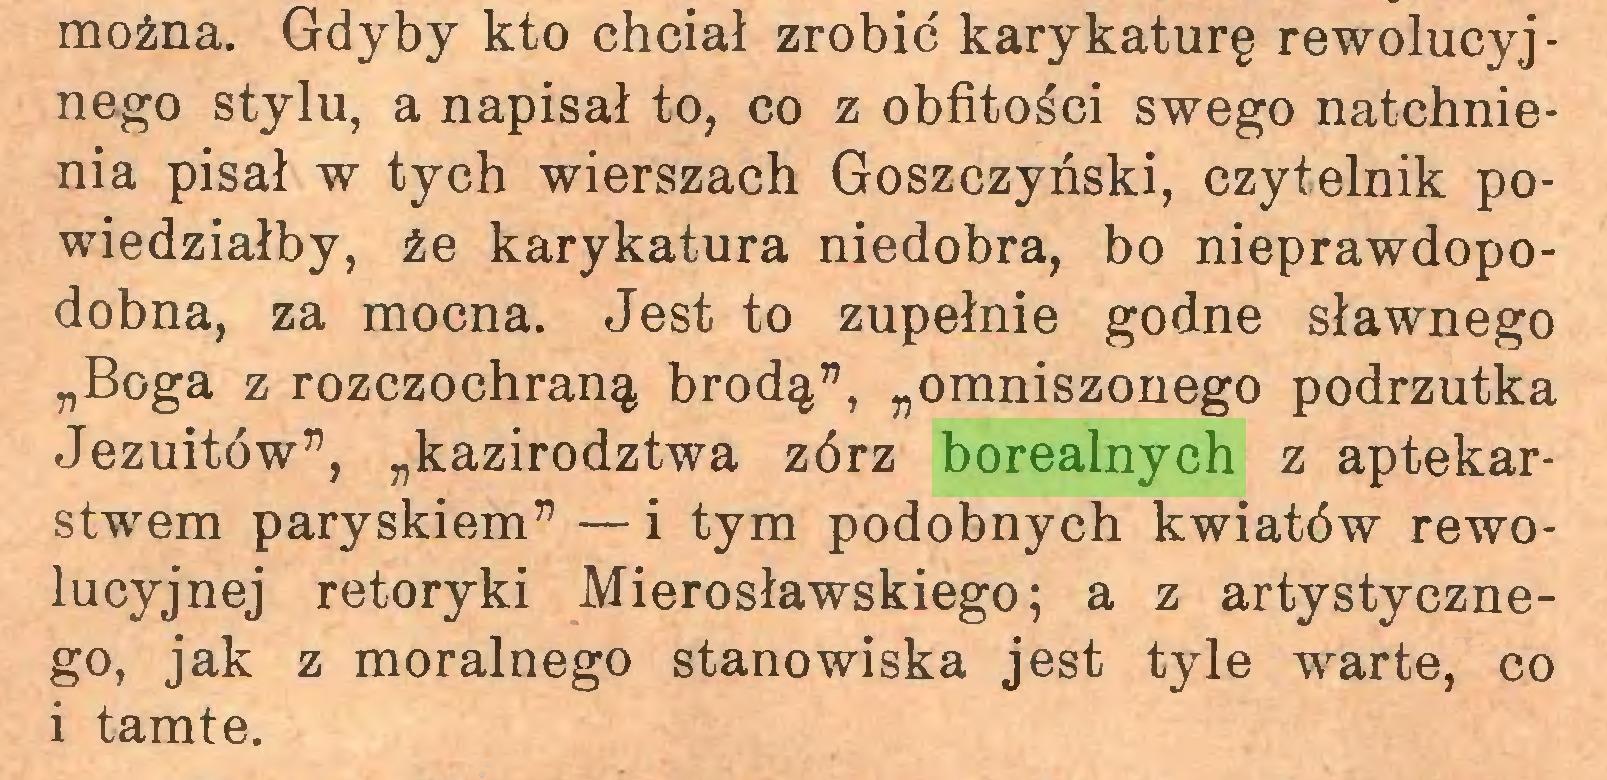 """(...) można. Gdyby kto chciał zrobić karykaturę rewolucyjnego stylu, a napisał to, co z obfitości swego natchnienia pisał w tych wierszach Goszczyński, czytelnik powiedziałby, że karykatura niedobra, bo nieprawdopodobna, za mocna. Jest to zupełnie godne sławnego """"Boga z rozczochraną brodą"""", """"omniszonego podrzutka Jezuitów"""", """"kazirodztwa zórz borealnych z aptekarstwem paryskiem"""" — i tym podobnych kwiatów rewolucyjnej retoryki Mierosławskiego; a z artystycznego, jak z moralnego stanowiska jest tyle warte, co i tamte..."""